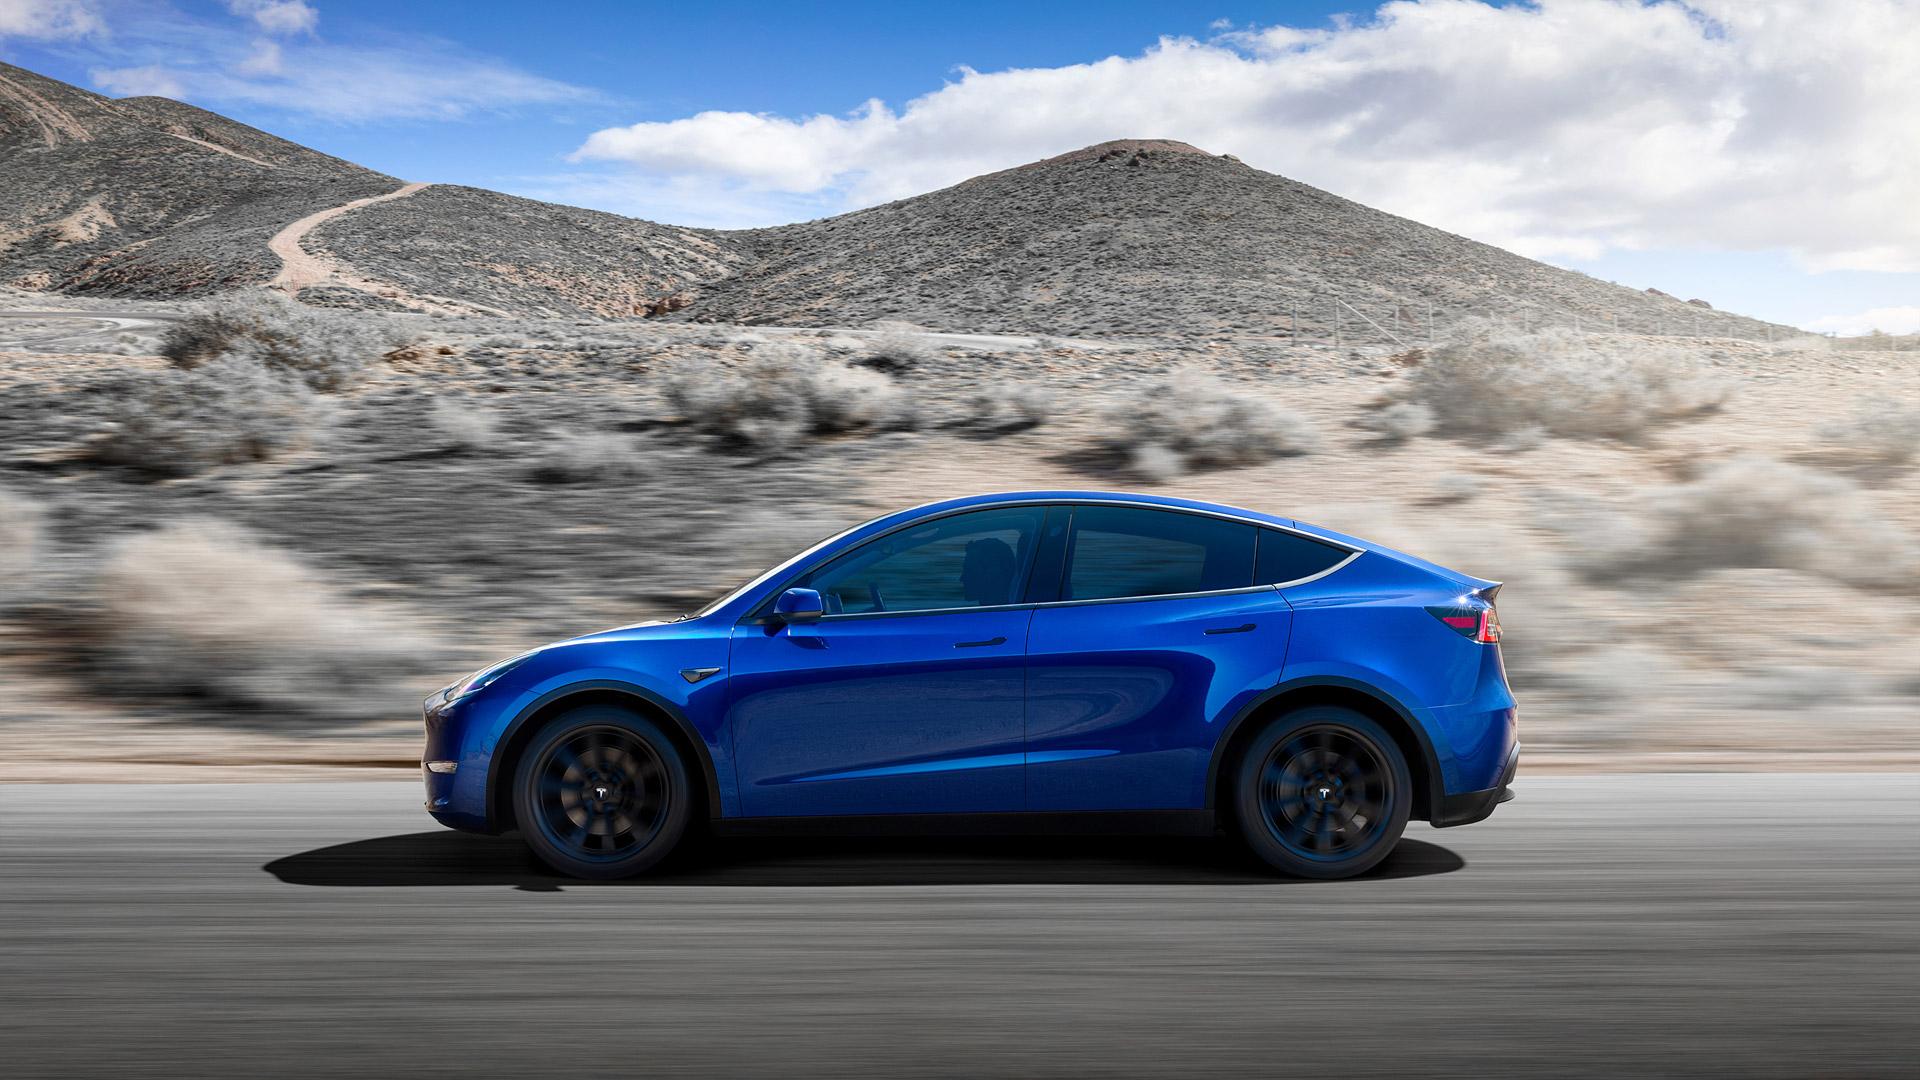 2021 Tesla Model Y Wallpapers Specs Videos   4K HD   WSupercars 1920x1080